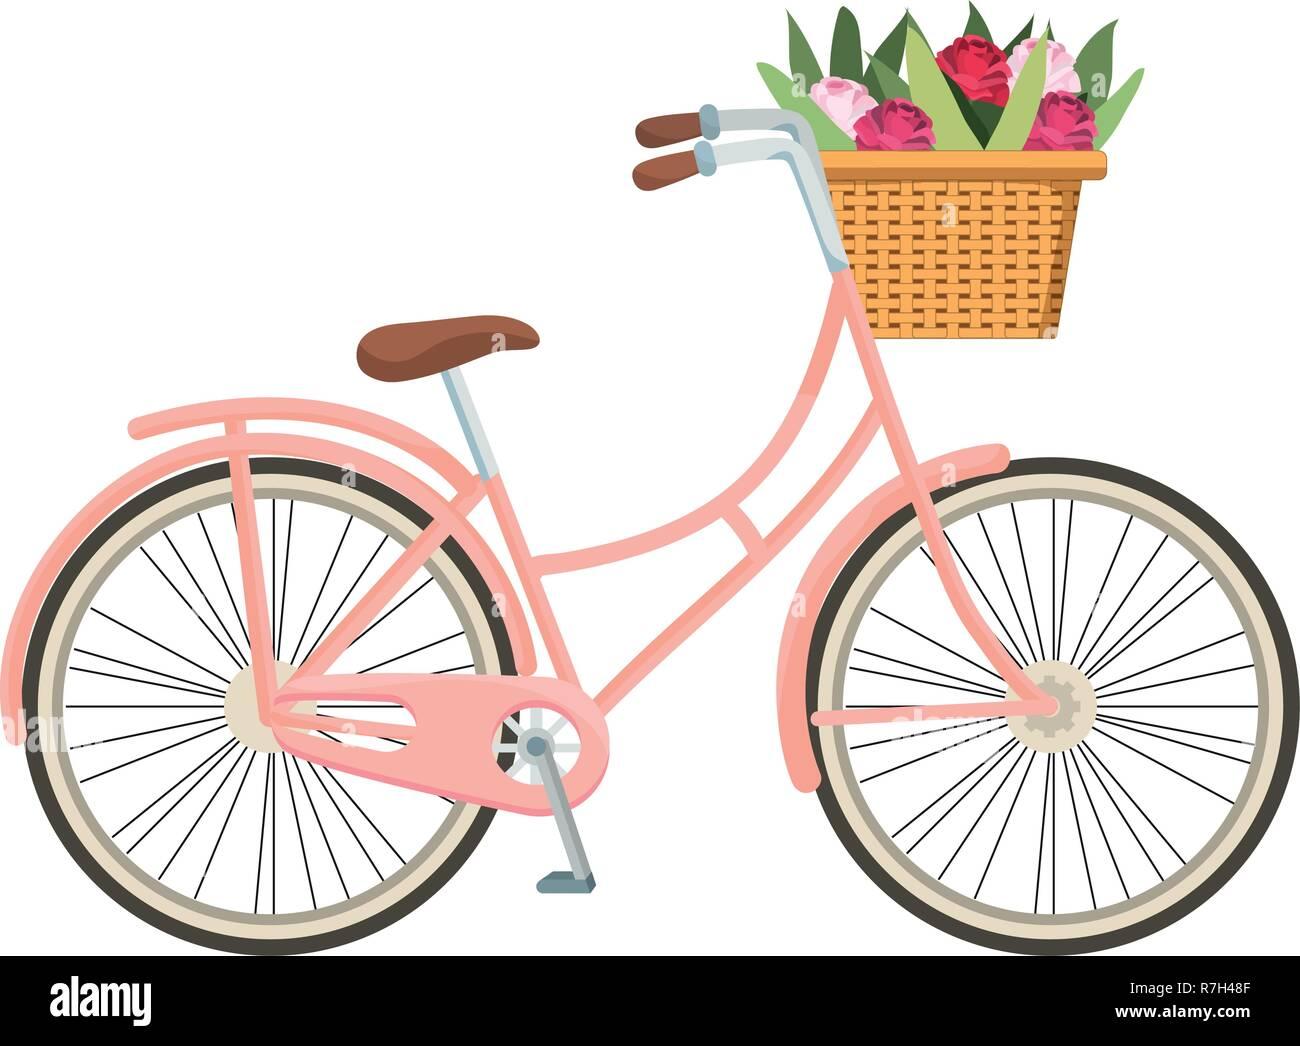 Cute Dibujos Animados De Bicicletas Ilustracion Del Vector